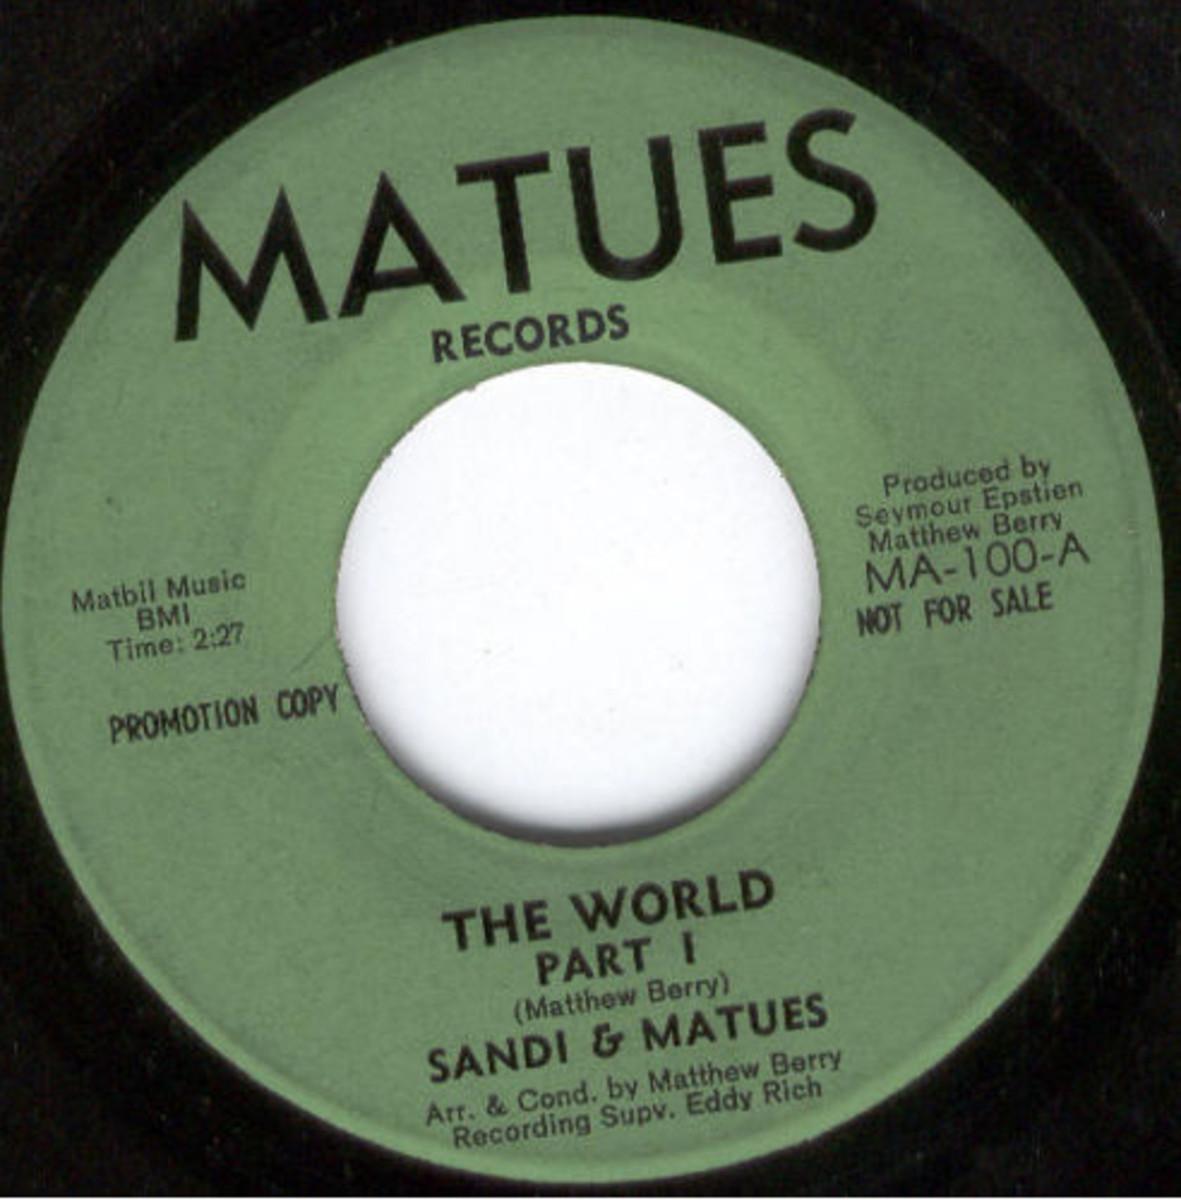 Sandi and Matues The World Part 1 MA-100